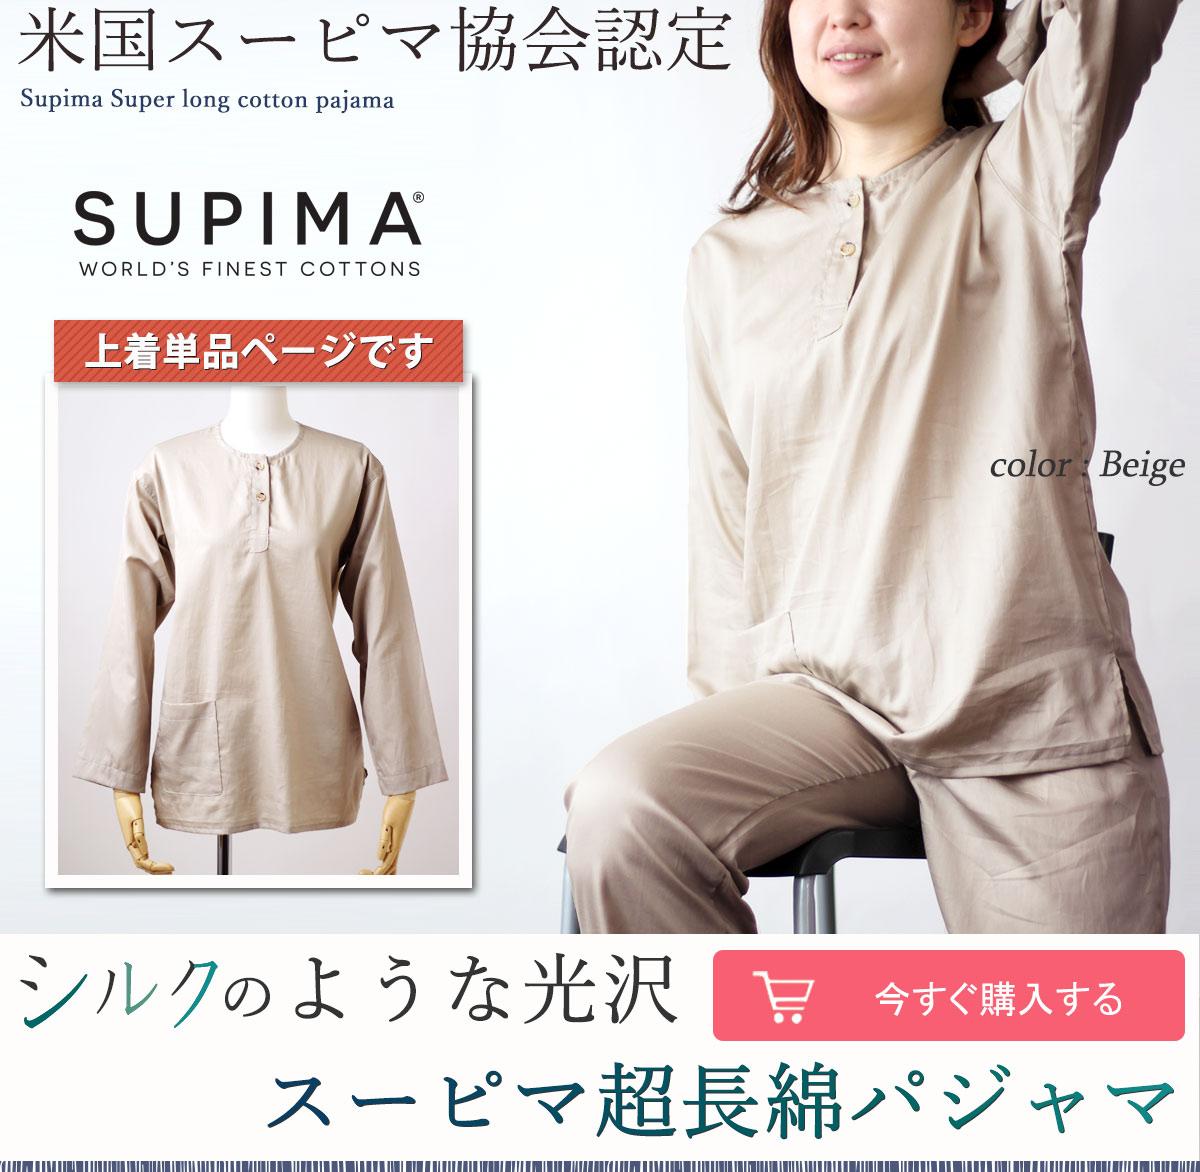 米国スーピマ協会認定 シルクのような光沢、スーピマ超長綿かぶりパジャマ上着のみ